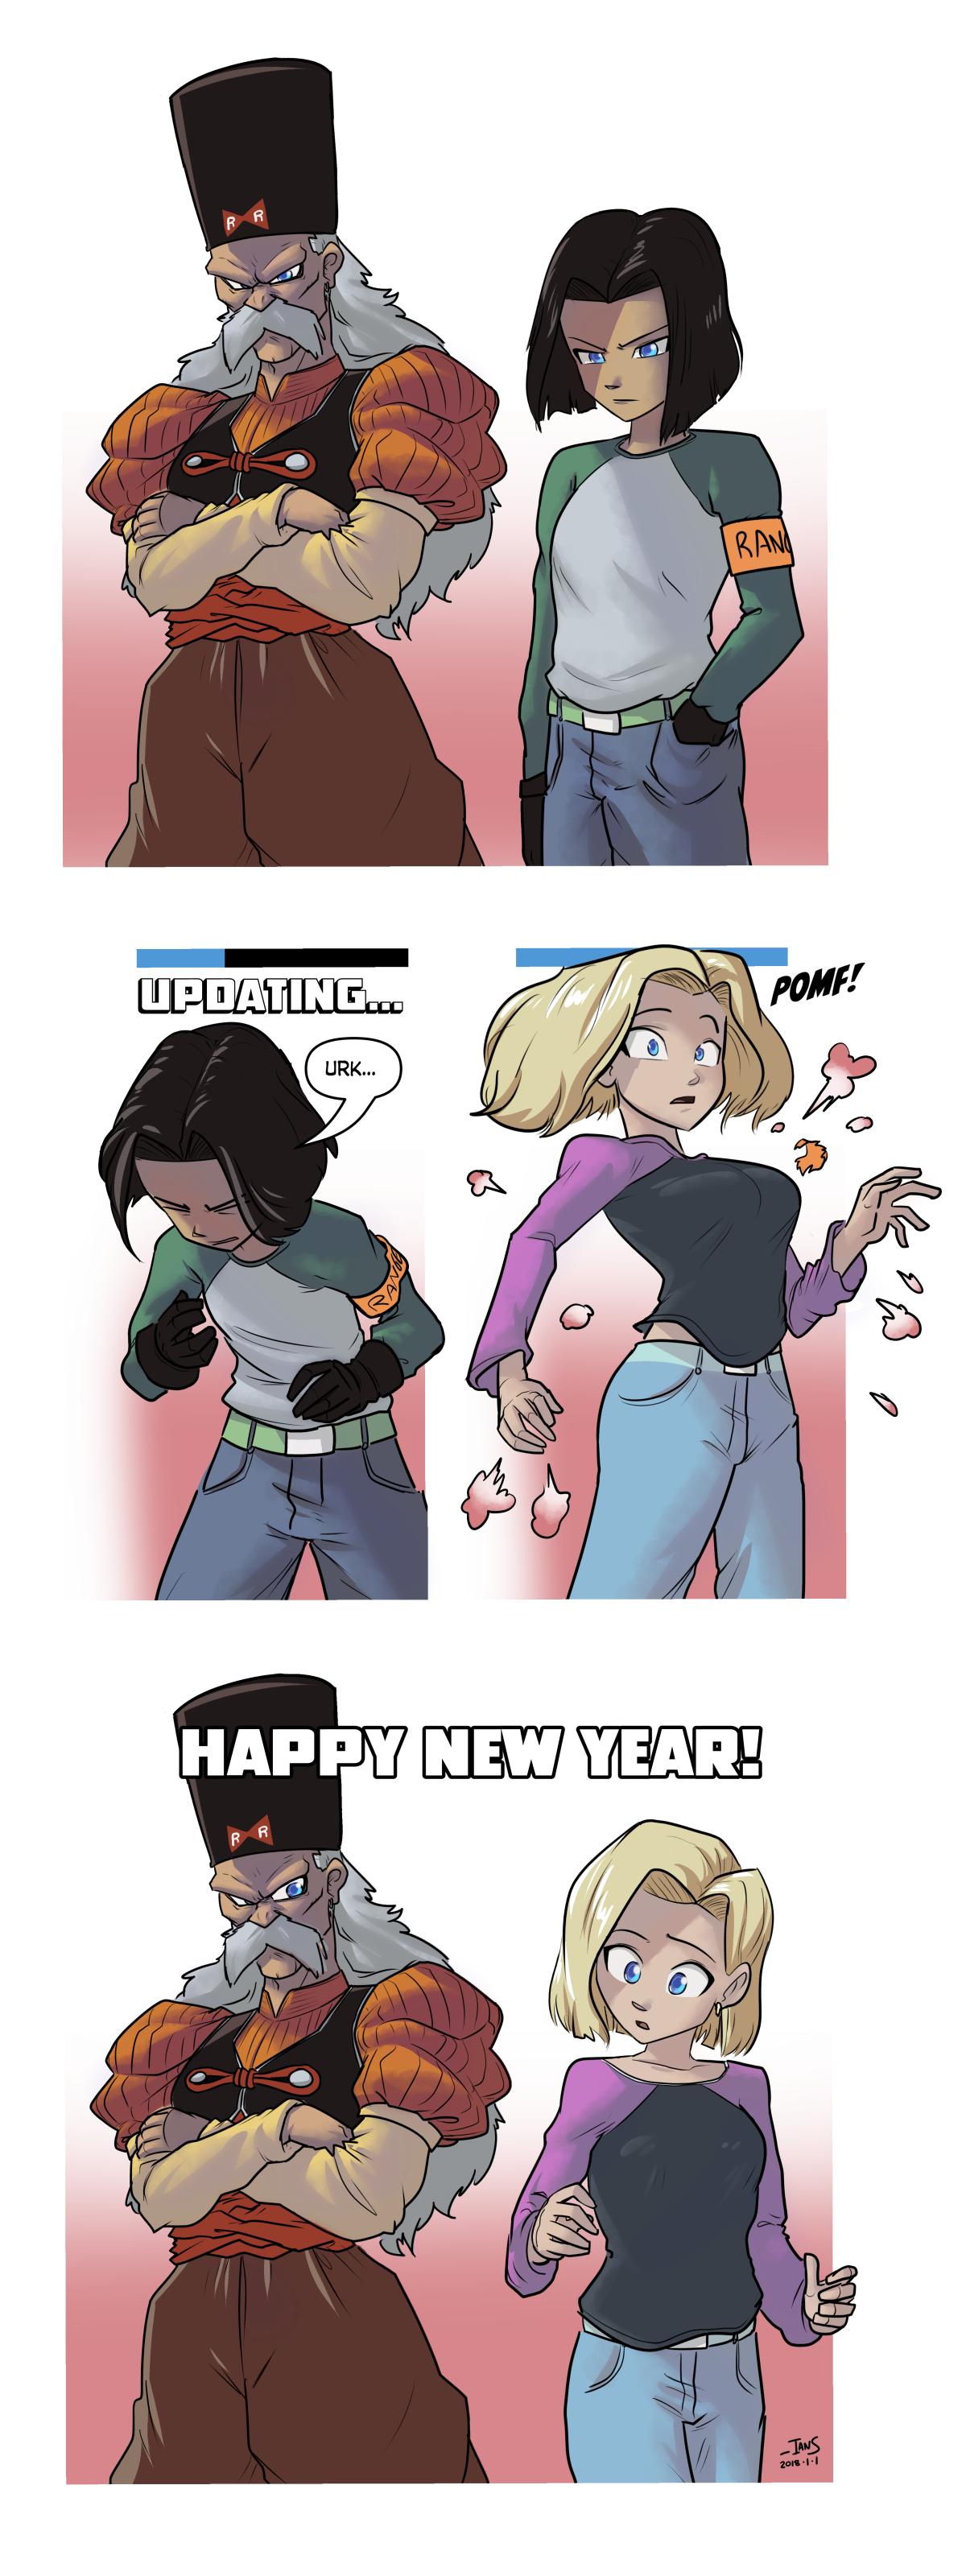 HappyNew2018 by tran4of3